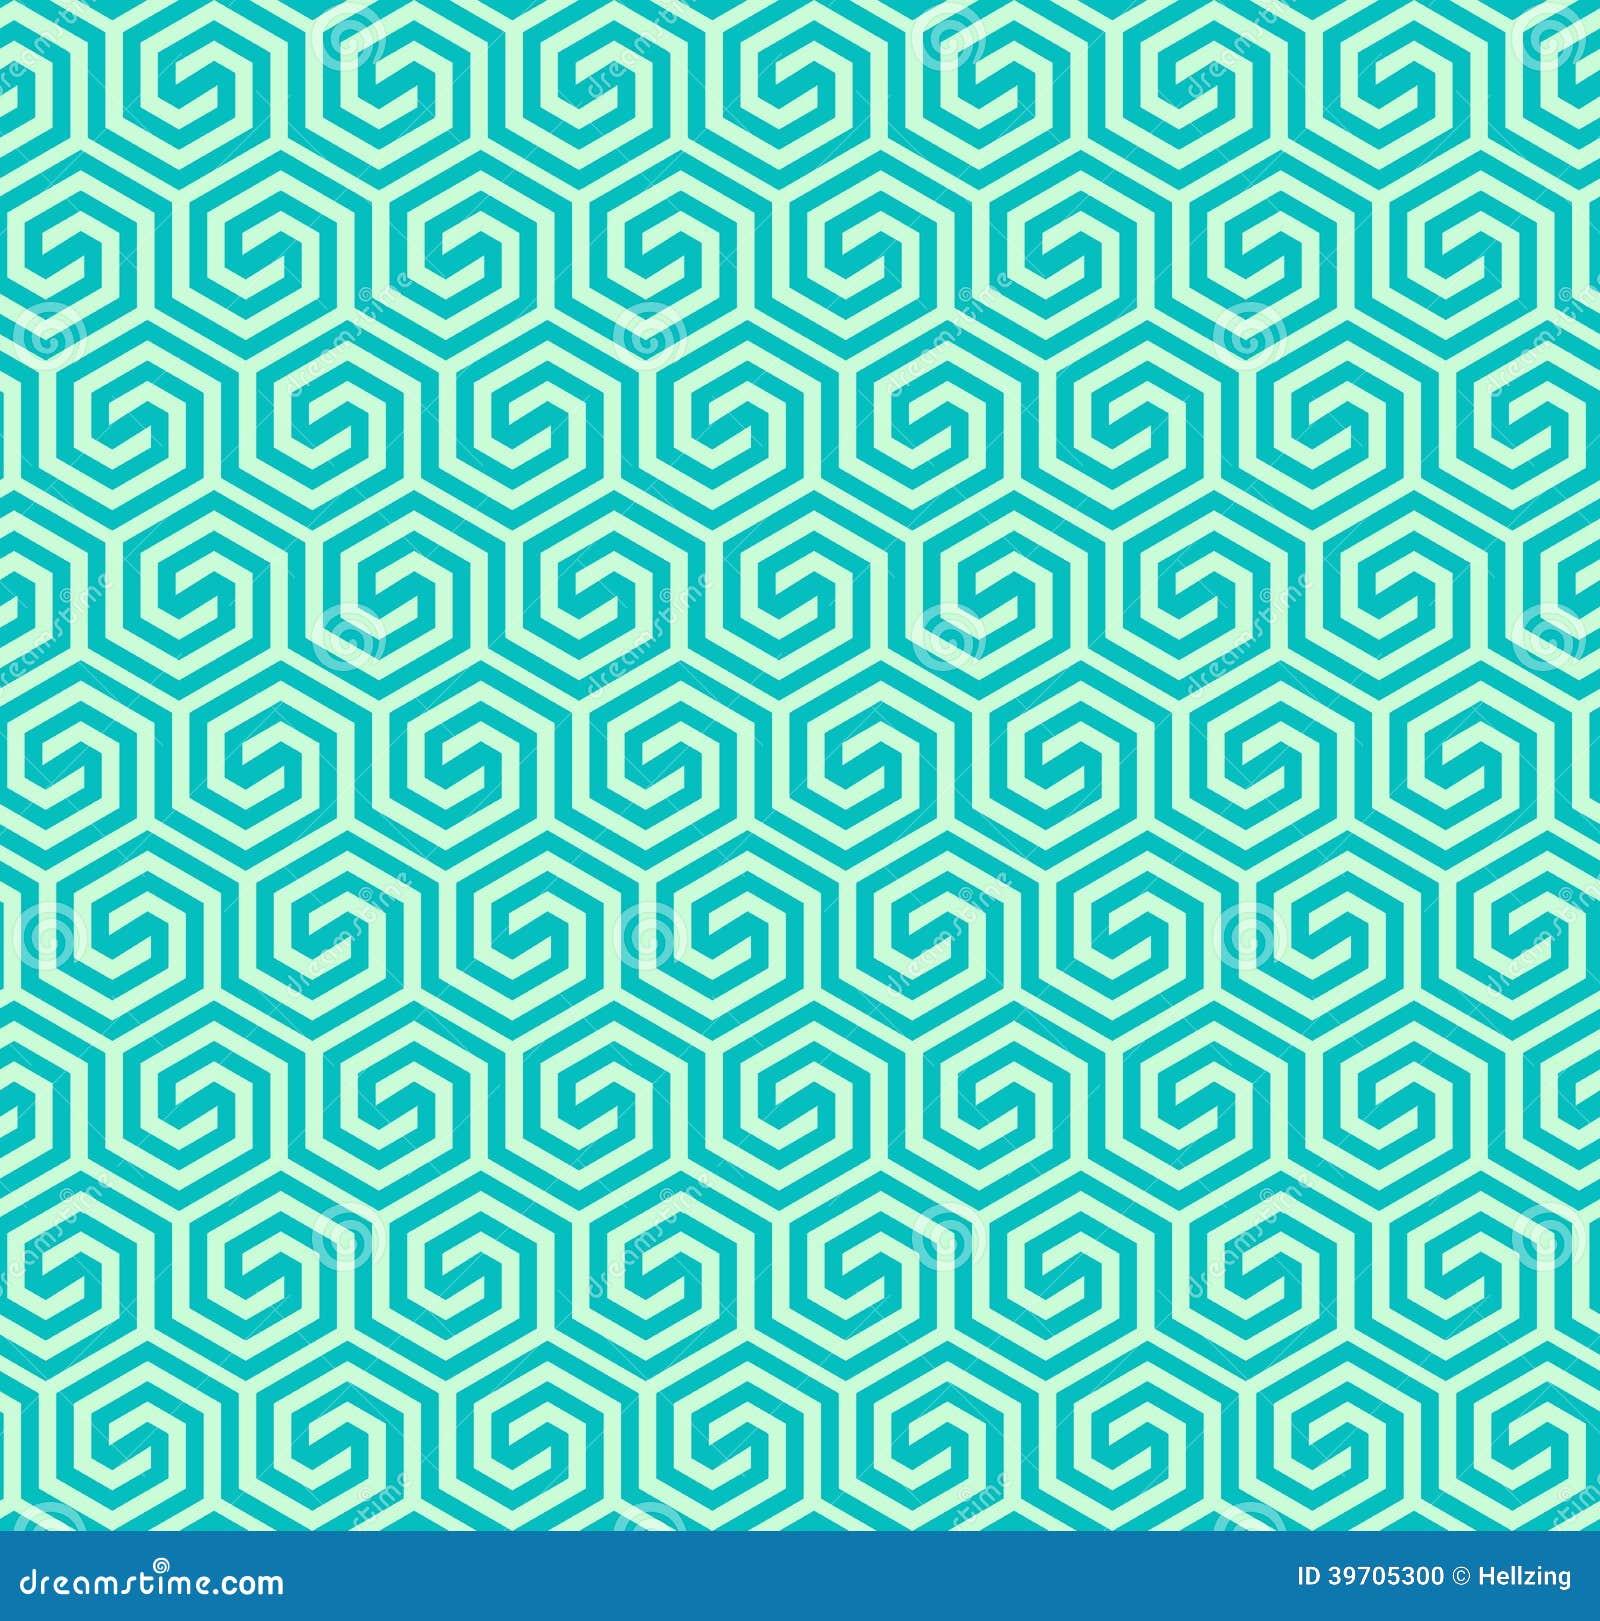 Άνευ ραφής αφηρημένο γεωμετρικό εξαγωνικό σχέδιο - διανυσματικό eps8